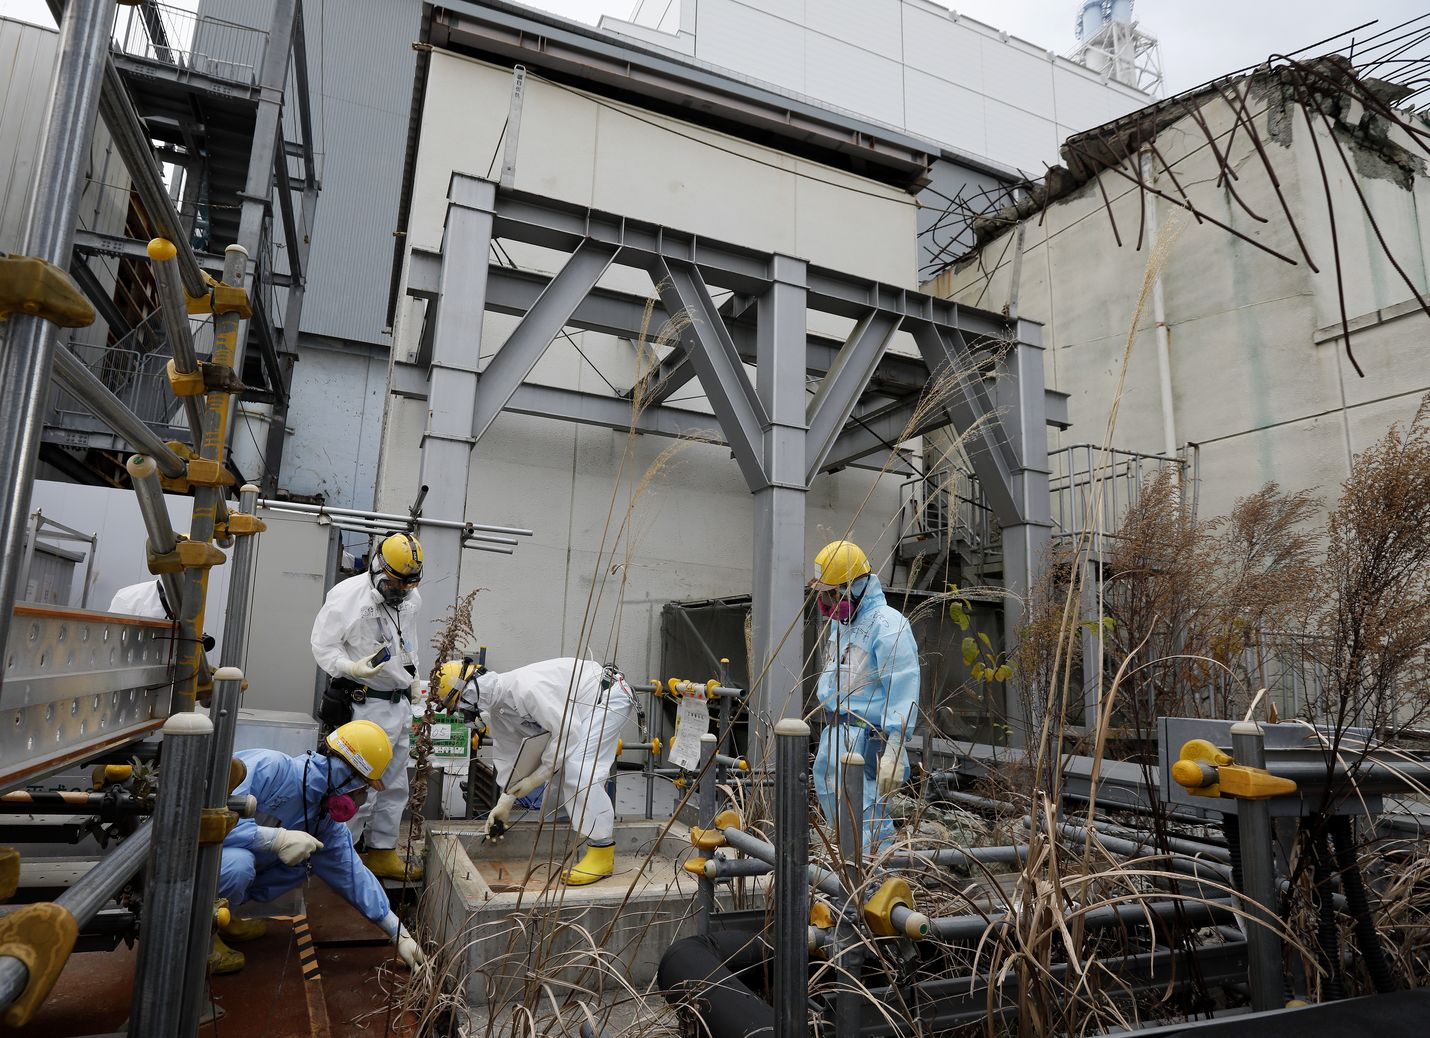 EU:n säteilyvaaratilanteisiin liittyviä sääntöjä on tiukennettu Fukushiman vuoden 2011 ydinonnettomuuden jälkeen. Kuva Fukushimasta tämän vuoden tammikuussa. Viikko sitten Suomessa keskusteltiin Stukin havaitsemista radioaktiivisista hiukkasista, joiden alkuperä on mysteeri.